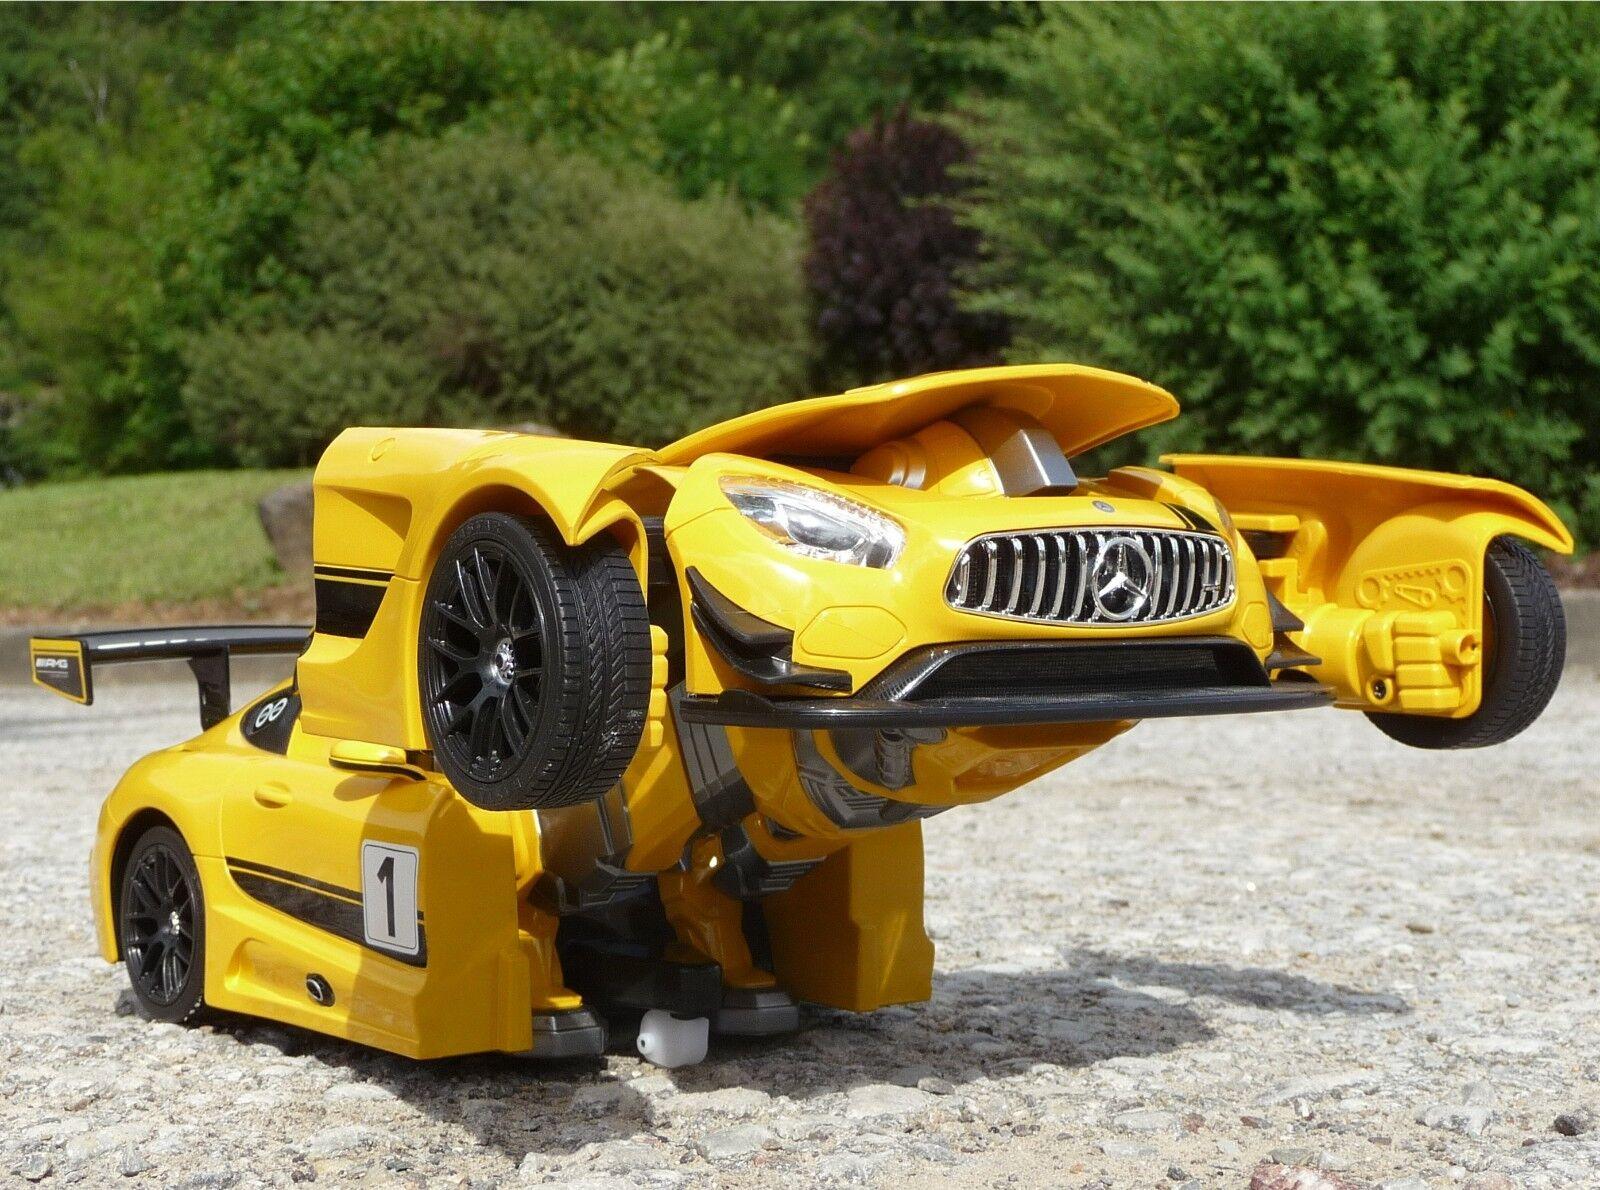 RC TRANSFORMER AUTO-ROBORTER AUTO-ROBORTER AUTO-ROBORTER Höhe 30cm mit Licht & Sound  2 4GHz         410029 fff3dc